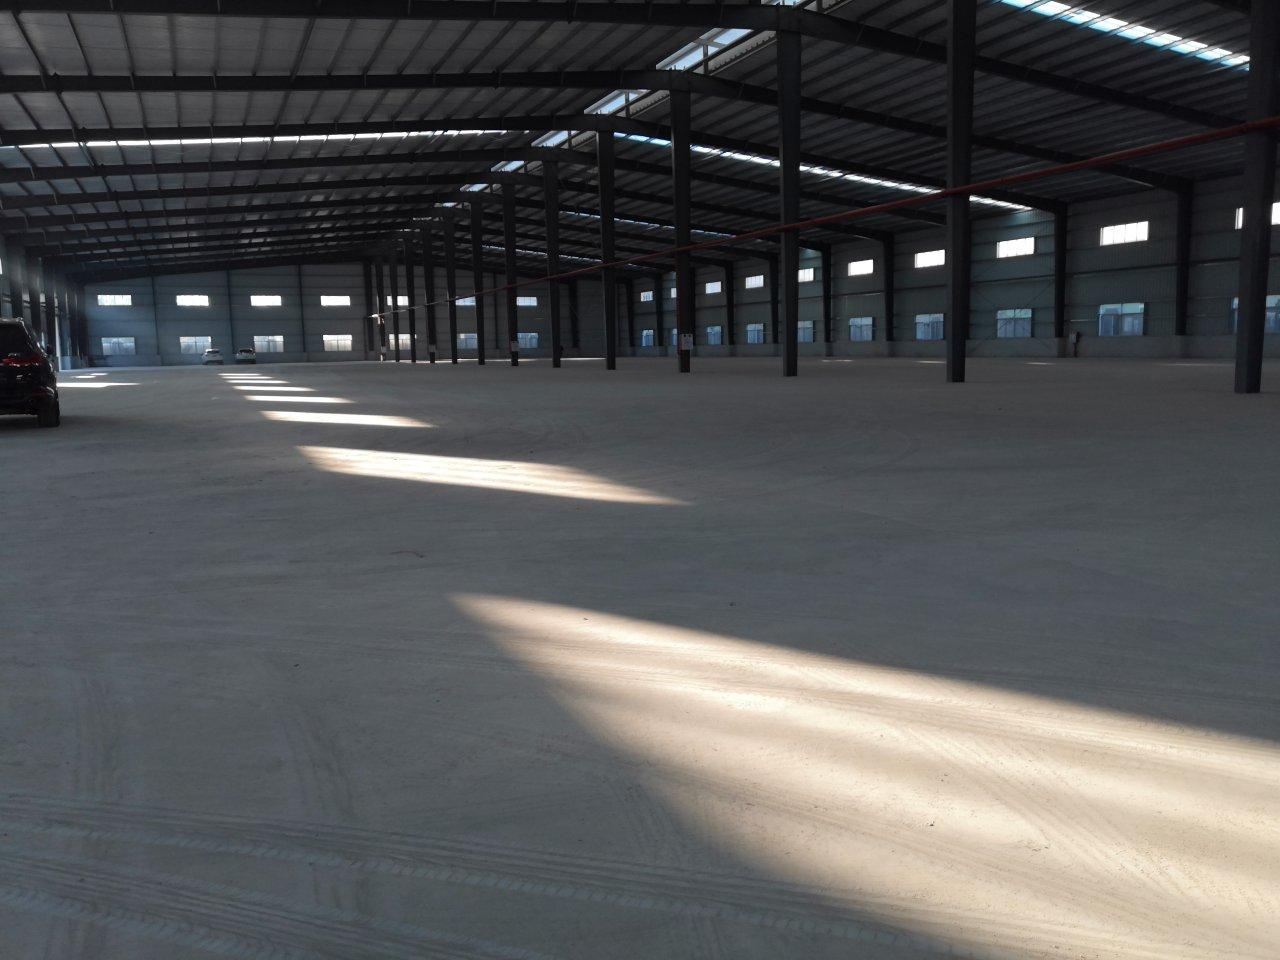 东莞市厚街镇独院带卸货平台仓库6500平方原房东低价急租